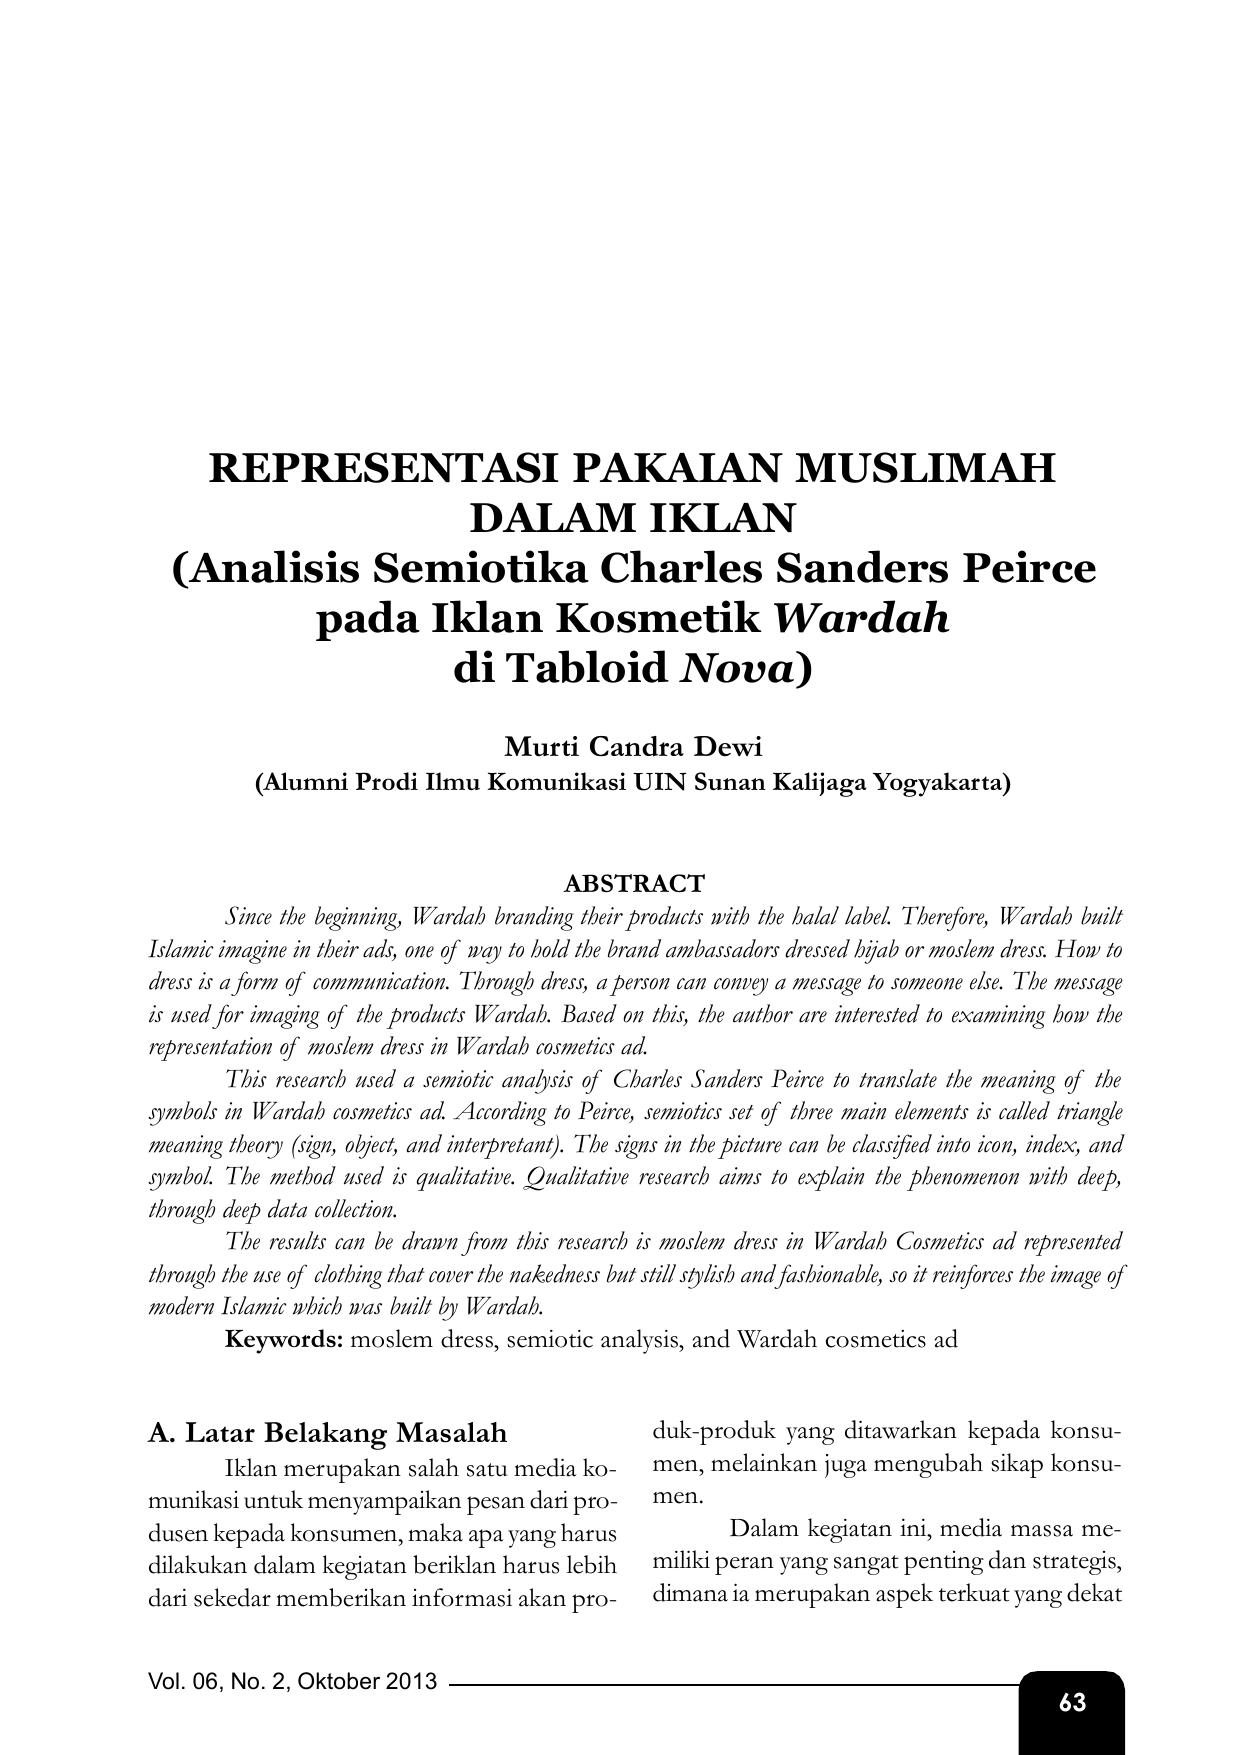 PENDEKATAN SEMIOTIK PDF DOWNLOAD